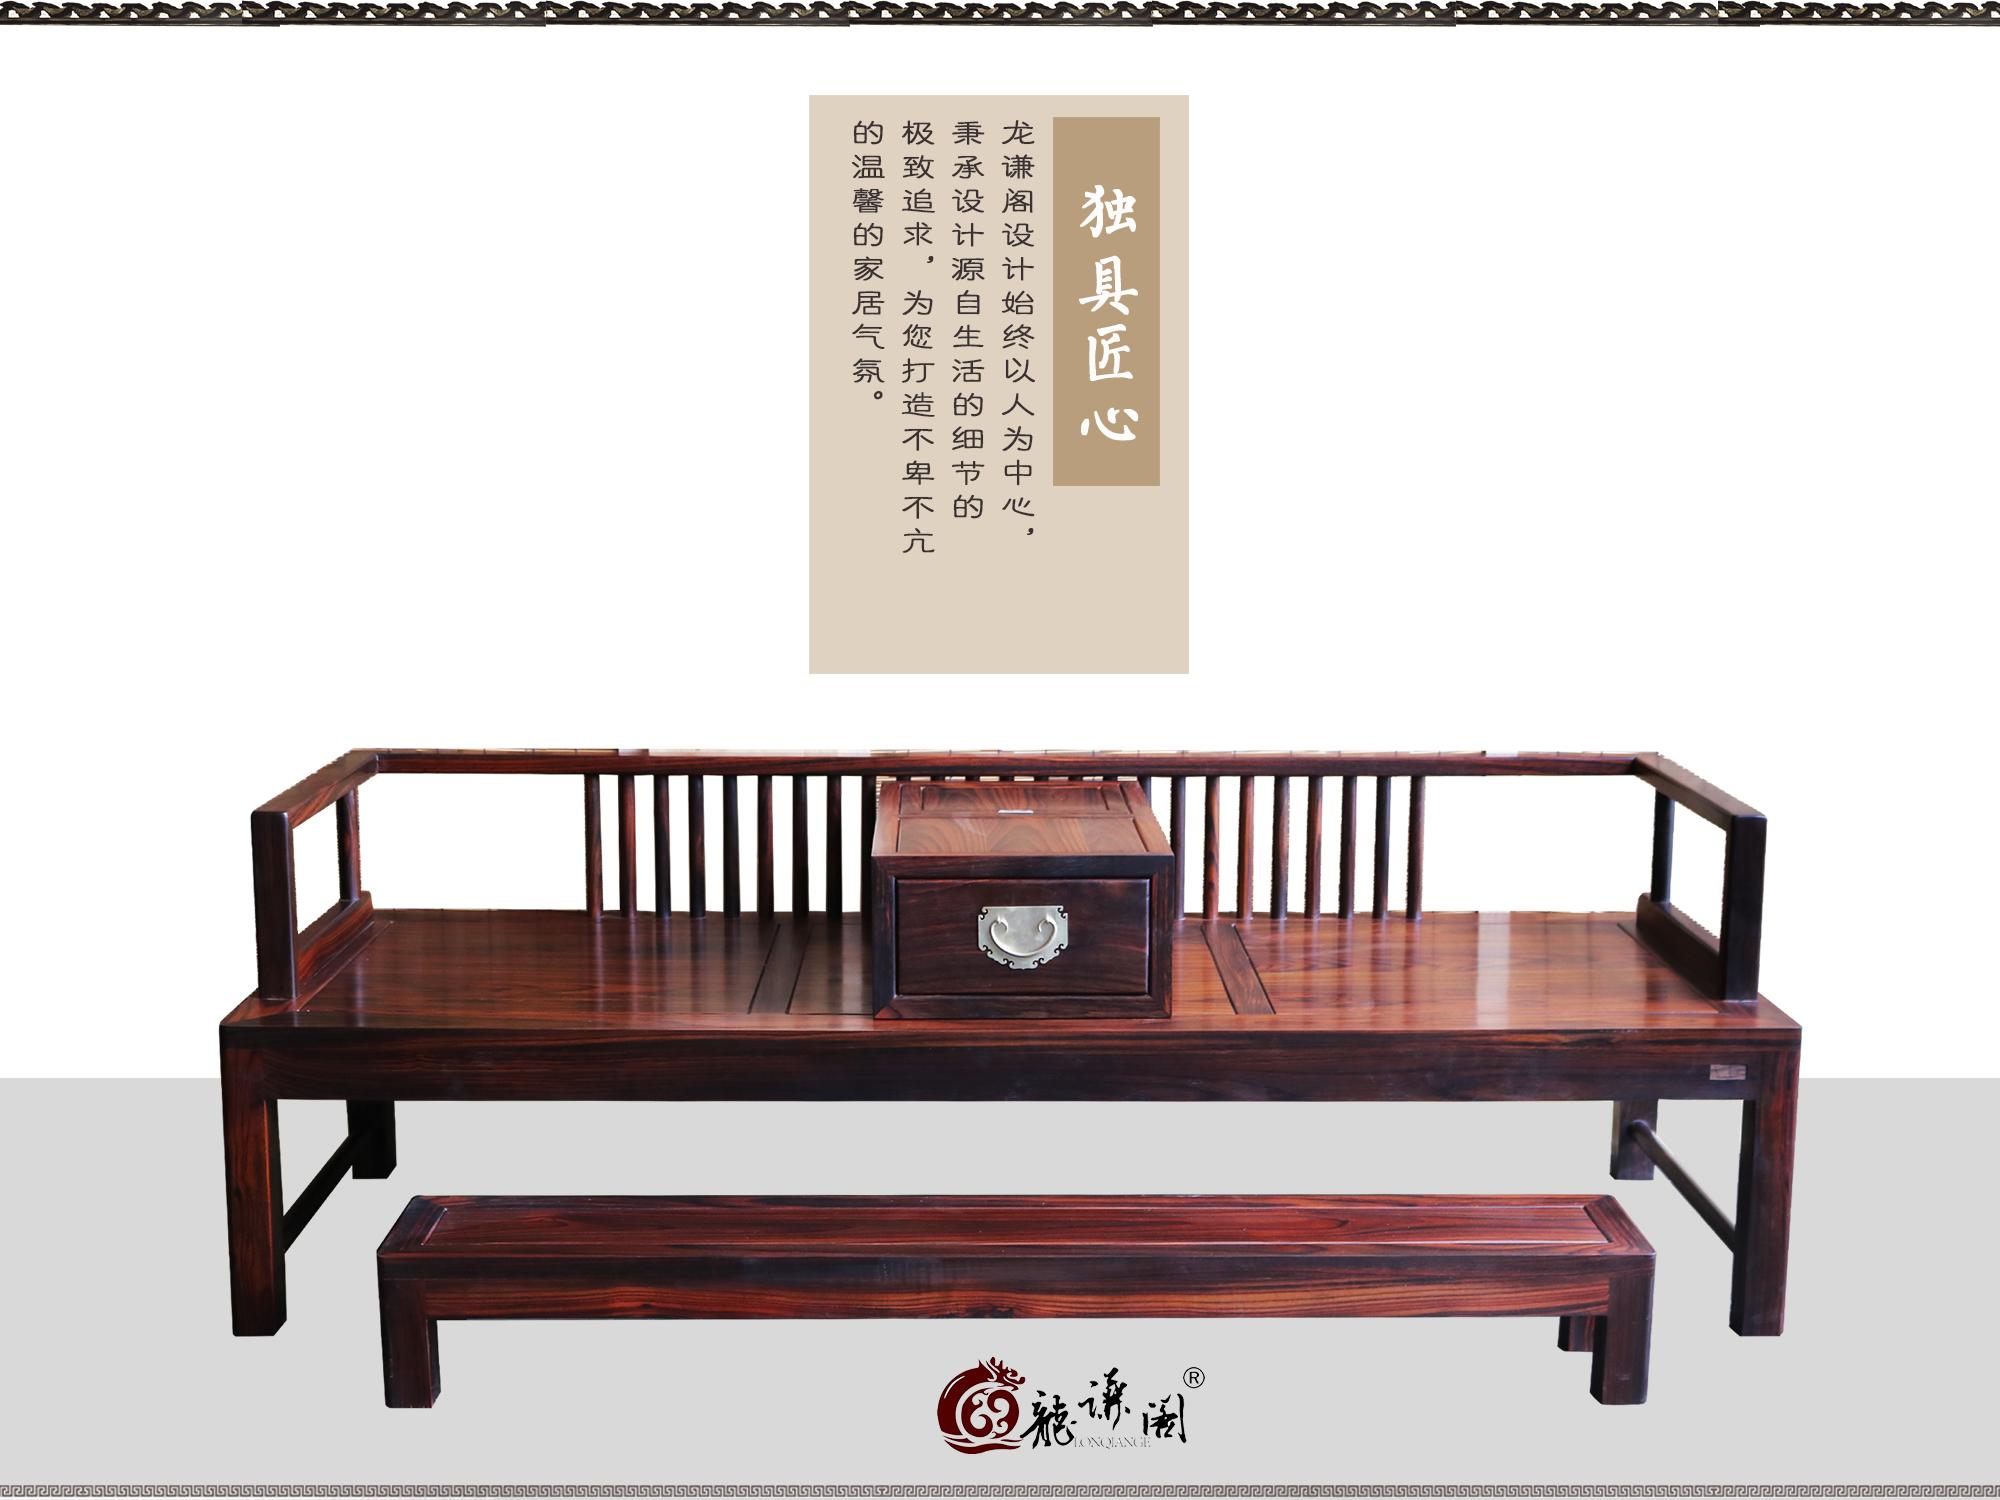 新中式罗汉床三件套_龙谦阁红木文化艺术馆官网